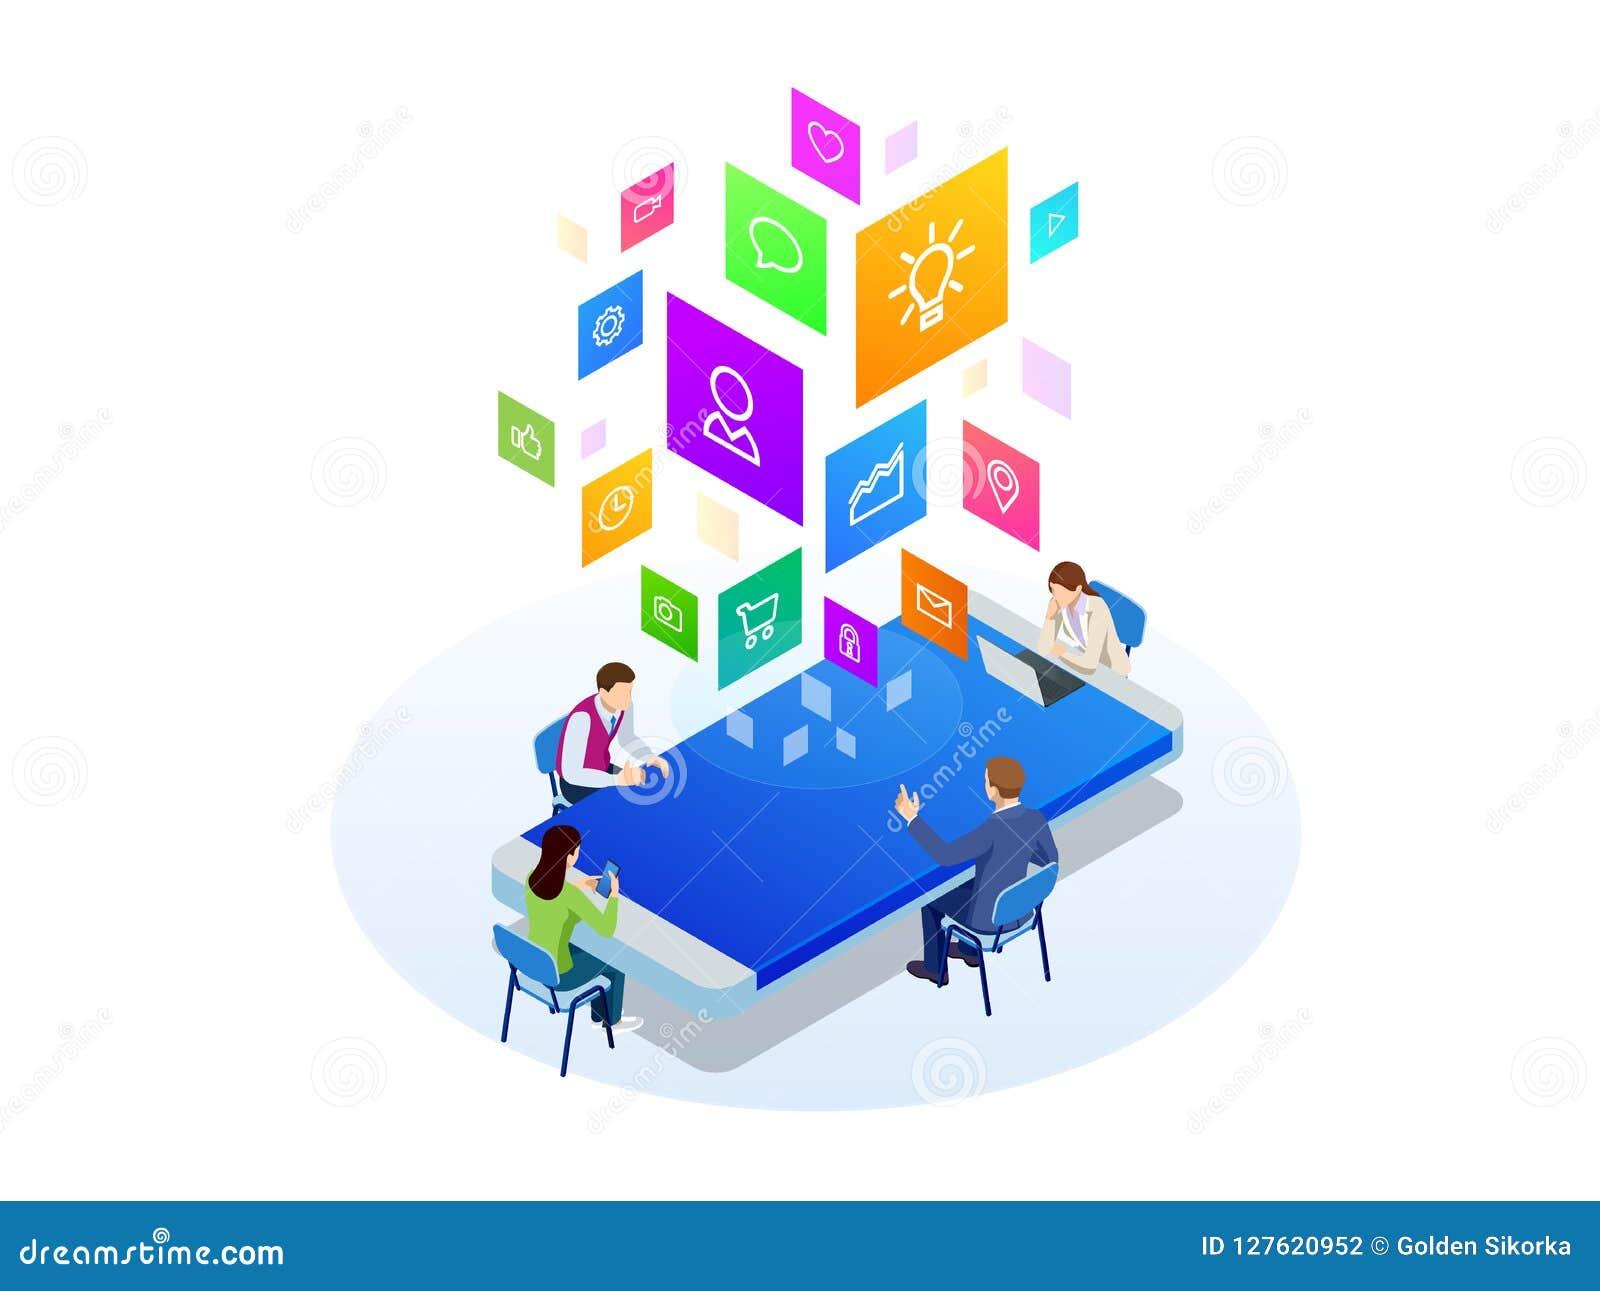 Isometriskt digitalt begrepp för marknadsföringsstrategi Online-affär, internetmarknadsföringsidé, kontor och finansobjekt